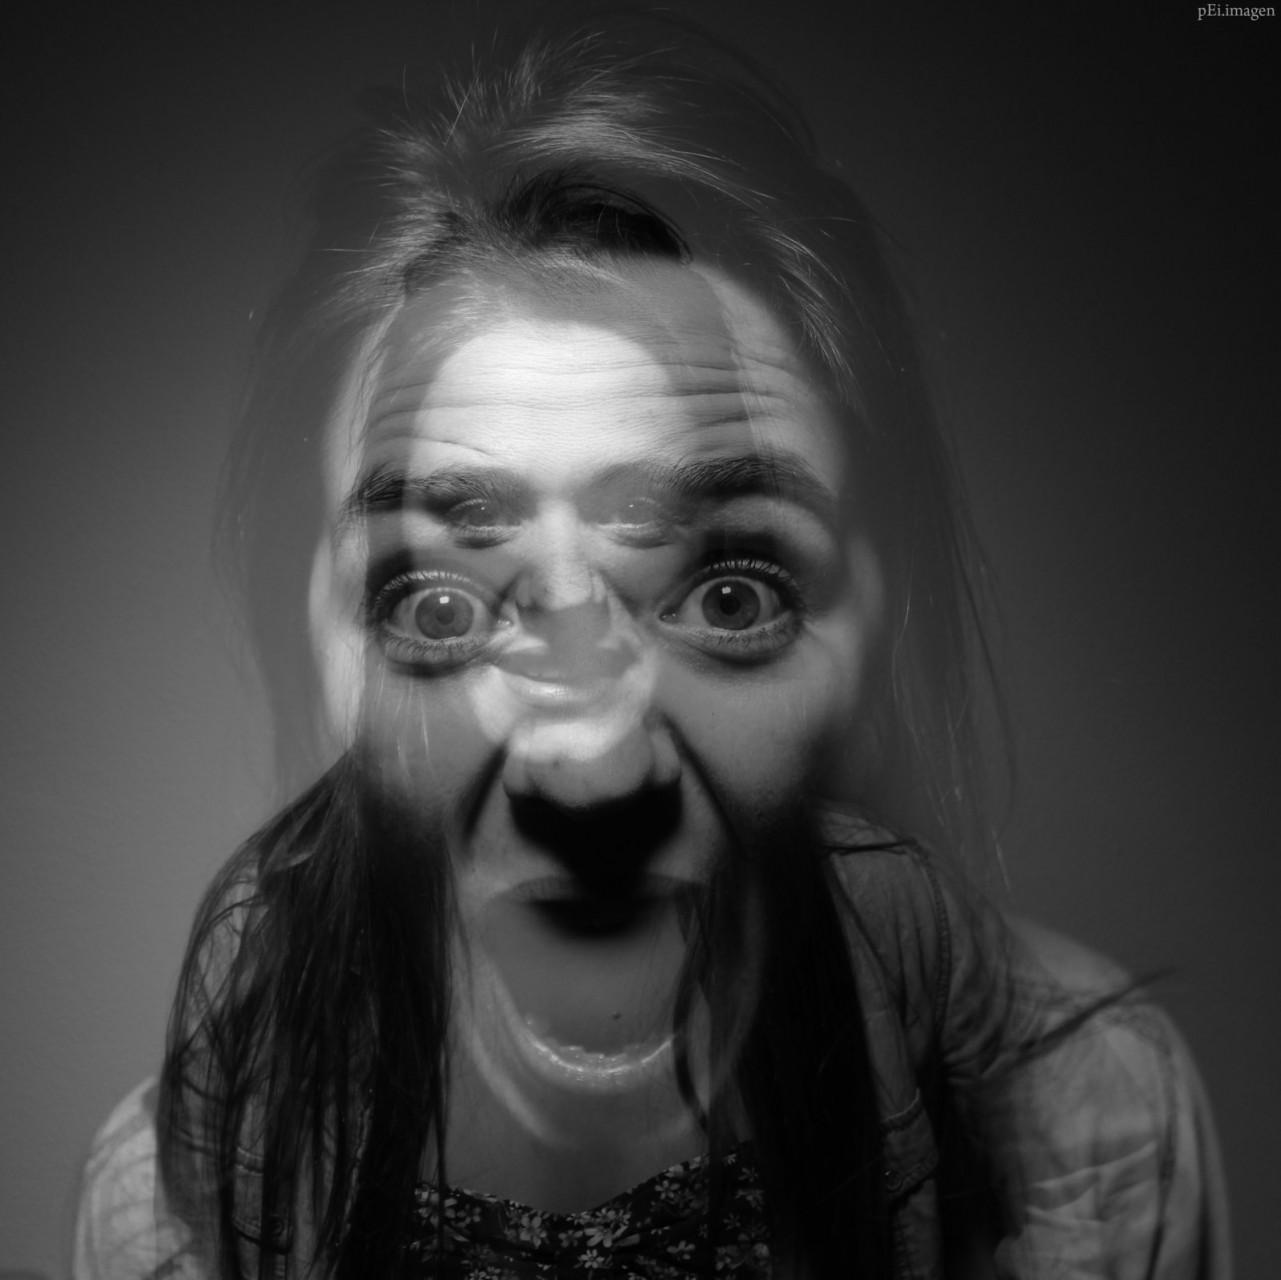 peipegata me myself I proyectos fotografia peipegatafotografia # 007 Edurne de Pablo Chicote